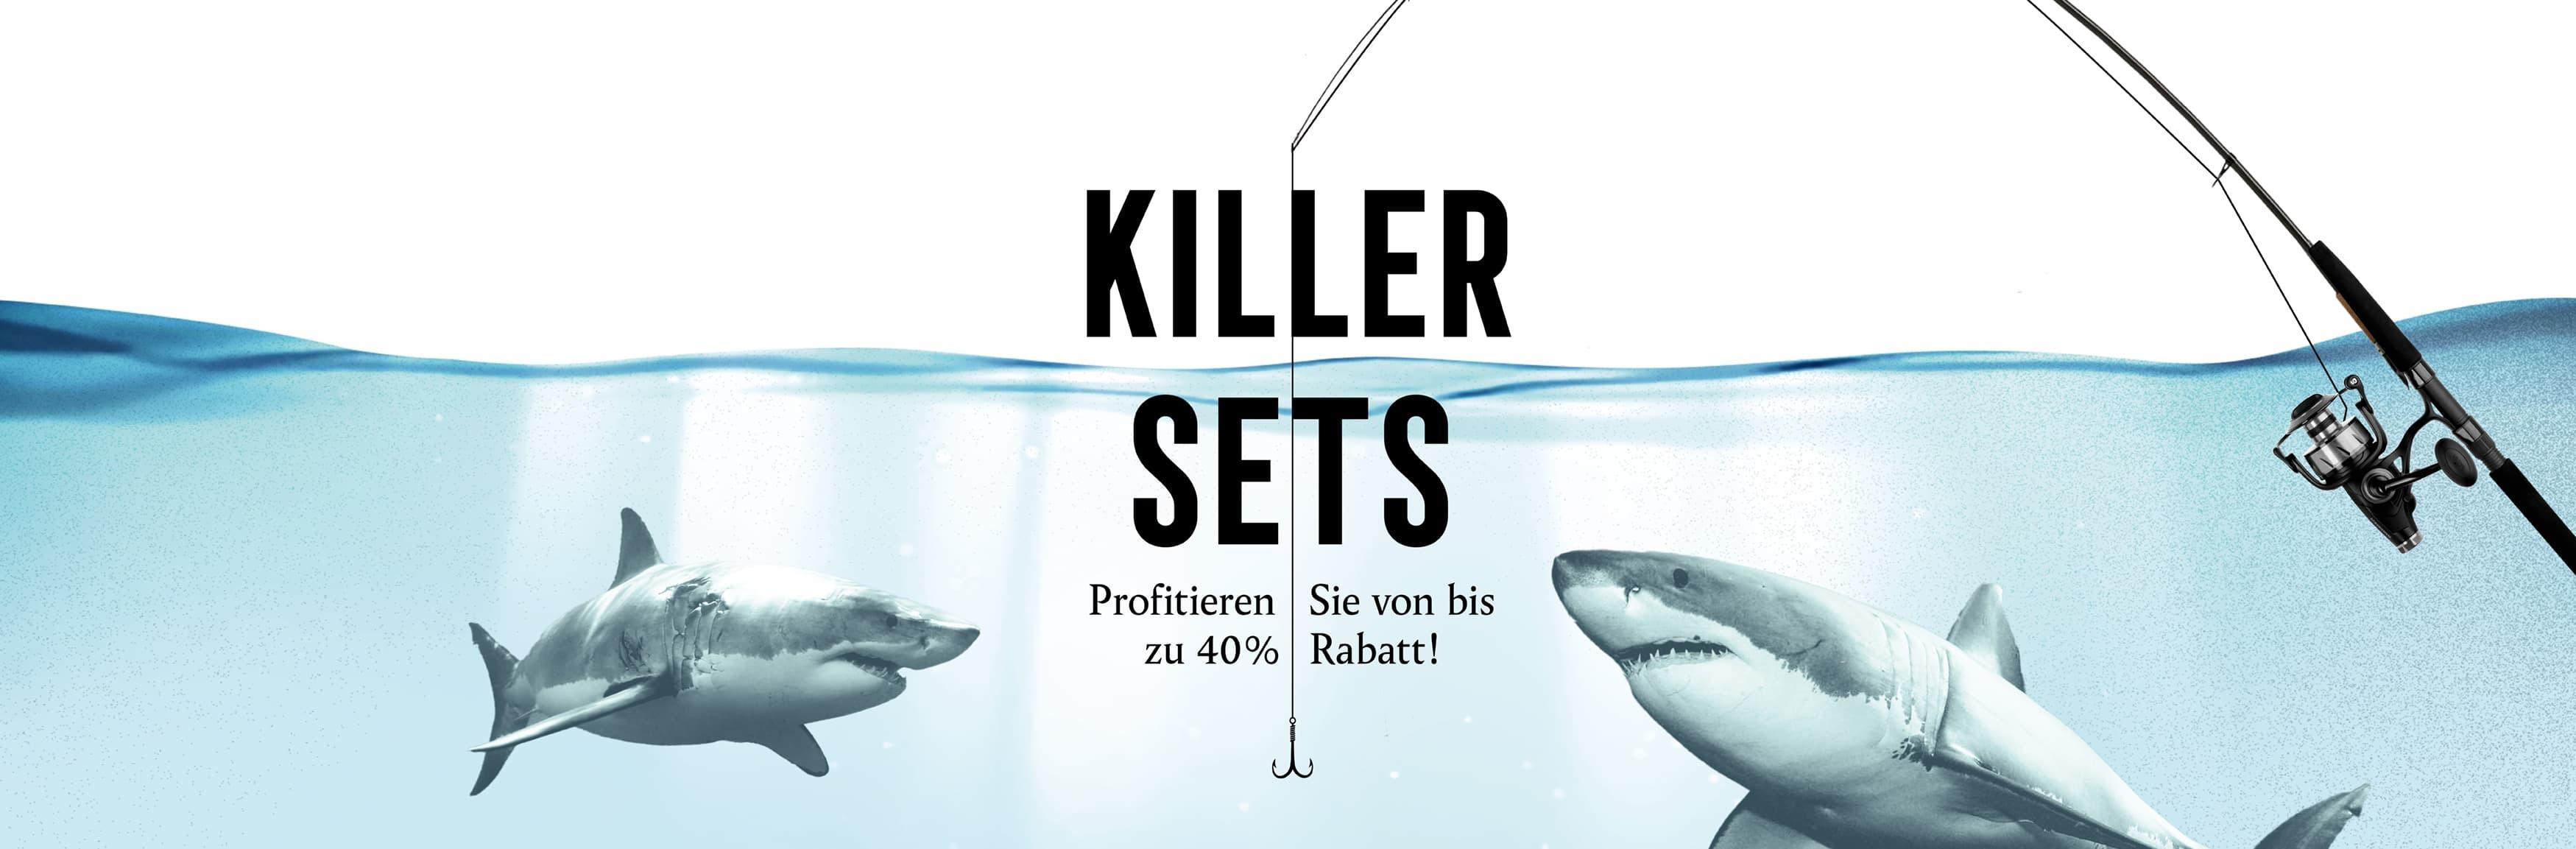 Killer Sets